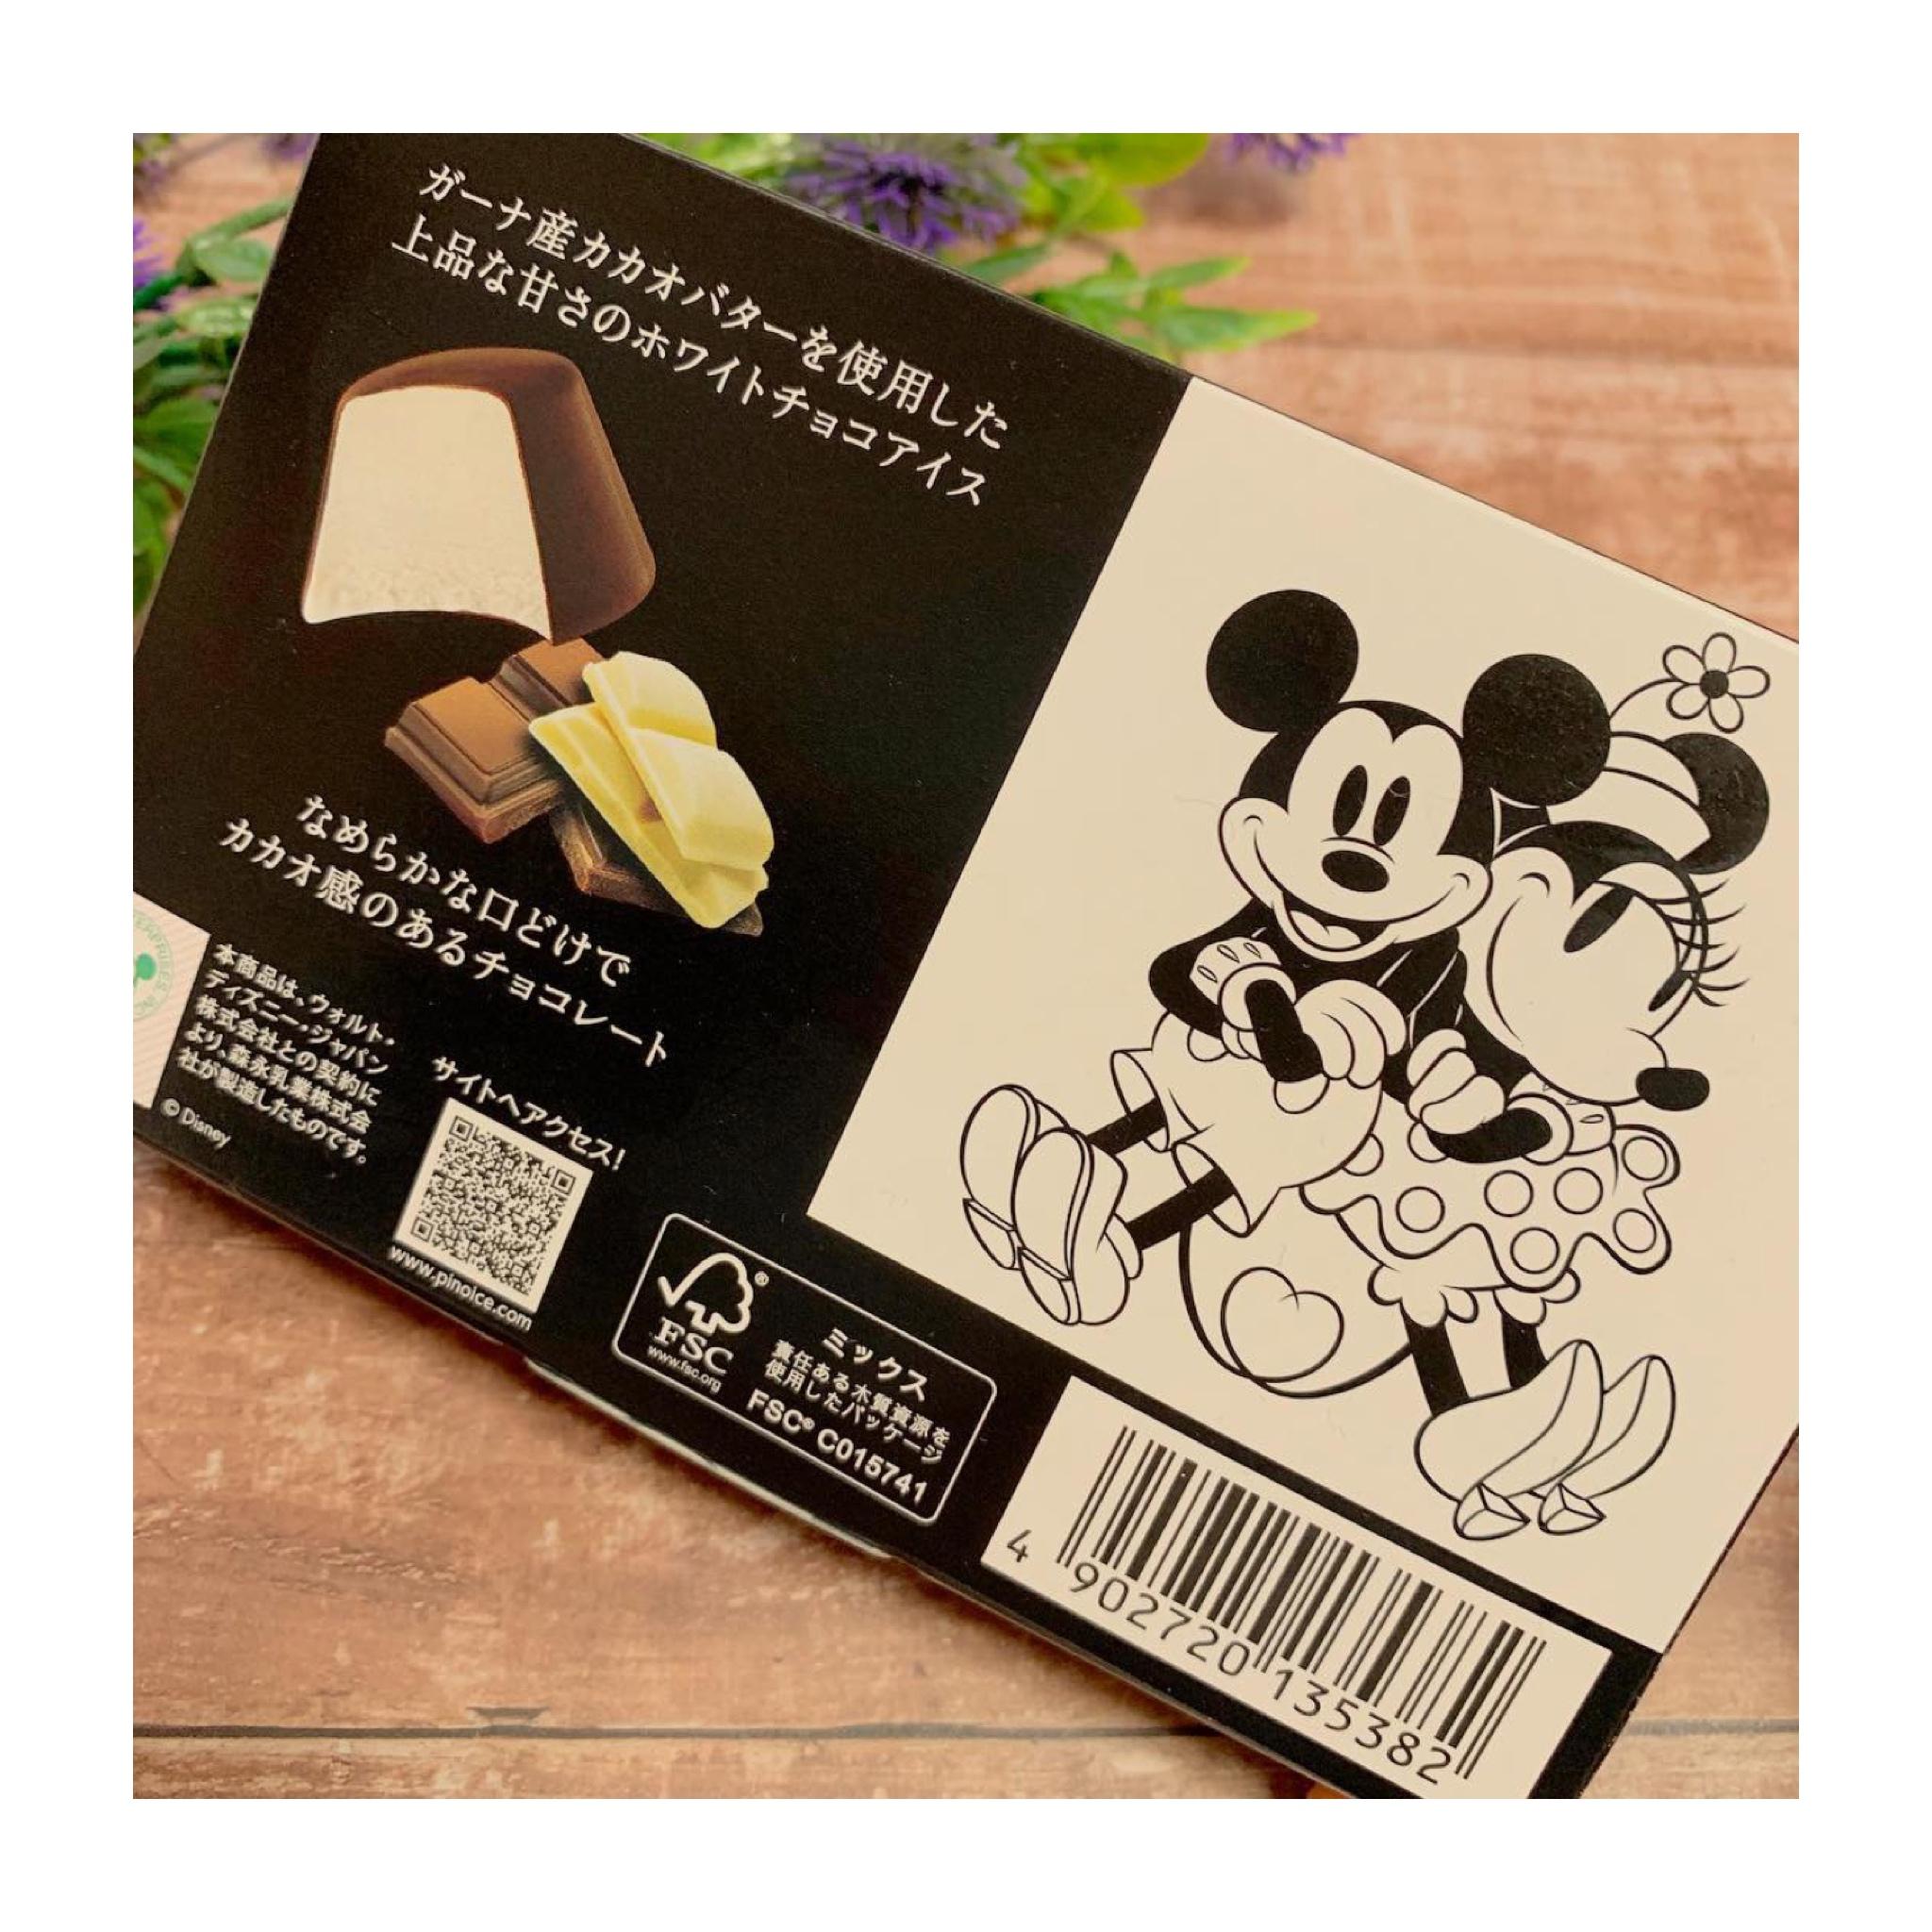 《今だけの限定パッケージ❤️》思わずパケ買い*【ピノ×ディズニー】ホワイトチョコ&チョコをチェック☝︎❤︎_2